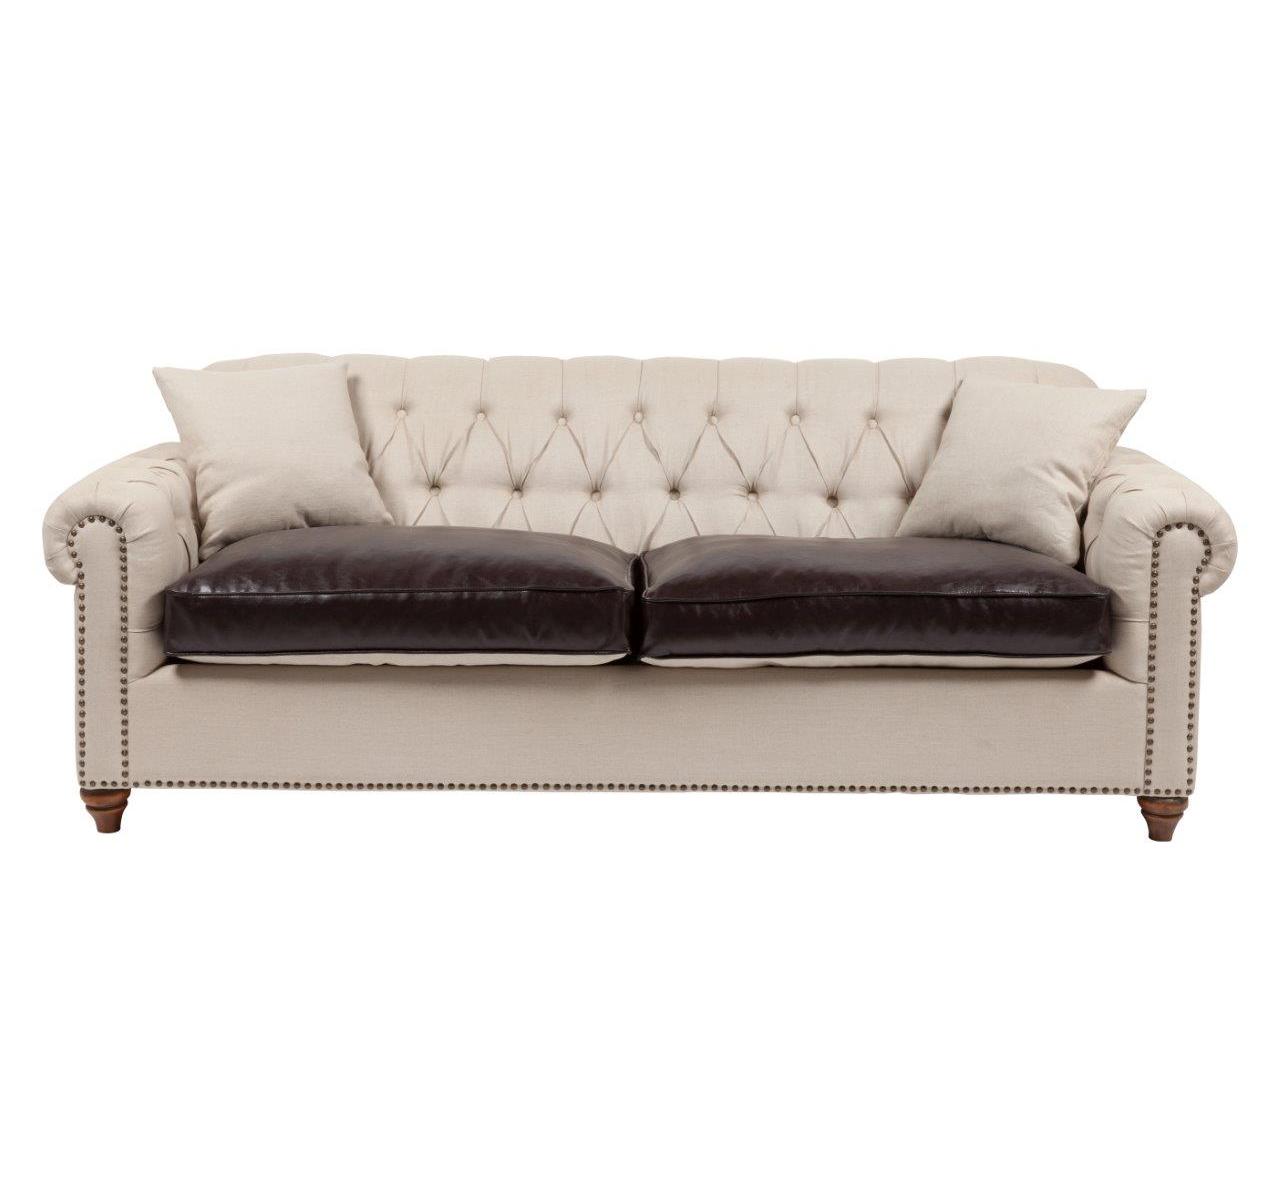 Диван PetroneКожаные диваны<br>Стильный и практичный диван Petrone станет вашим любимым местом отдыха. Диван изготовлен на деревянном каркасе (берёза), покрыт бежевой и коричневой кожей. Две маленькие подушечки помогут вашей спине занять удобное положение. Этот диван отлично подойдет для любителей роскоши и, одновременно, строгости в дизайне помещения, когда декоративные элементы не отвлекают внимания. Прекрасно впишется и в современный стиль интерьера. Его силуэт не режет глаз, прекрасно взаимодействуя с окружающей обстановкой, не выделяется крикливостью, а подчеркивает стиль. Уютные подлокотники и поддержка для спины приглашают к отдыху. Благодаря крепким ножкам, он твердо стоит на поверхности, а убирать под ним можно без серьезного напряжения. При его изготовлении использовался исключительно качественный материал. Модель дивана от знаменитого английского дизайнера Тимоти Олтона (Timothy Oulton).<br><br>Material: Кожа<br>Width см: 240<br>Depth см: 98<br>Height см: 72